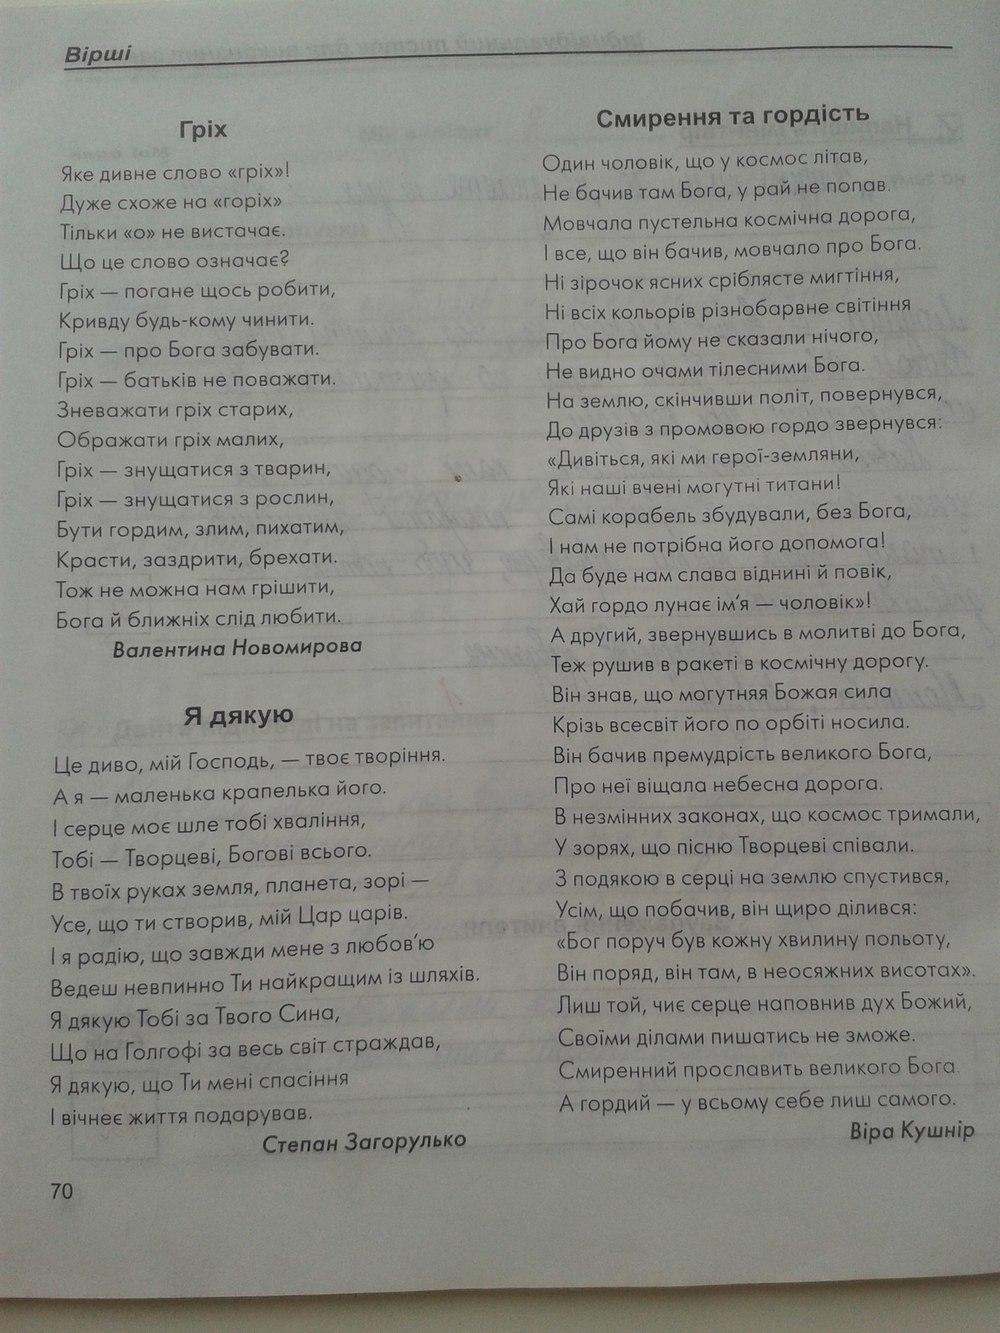 ГДЗ відповіді робочий зошит по этике 6 класс Г.О. Кізілова. Задание: стр. 70